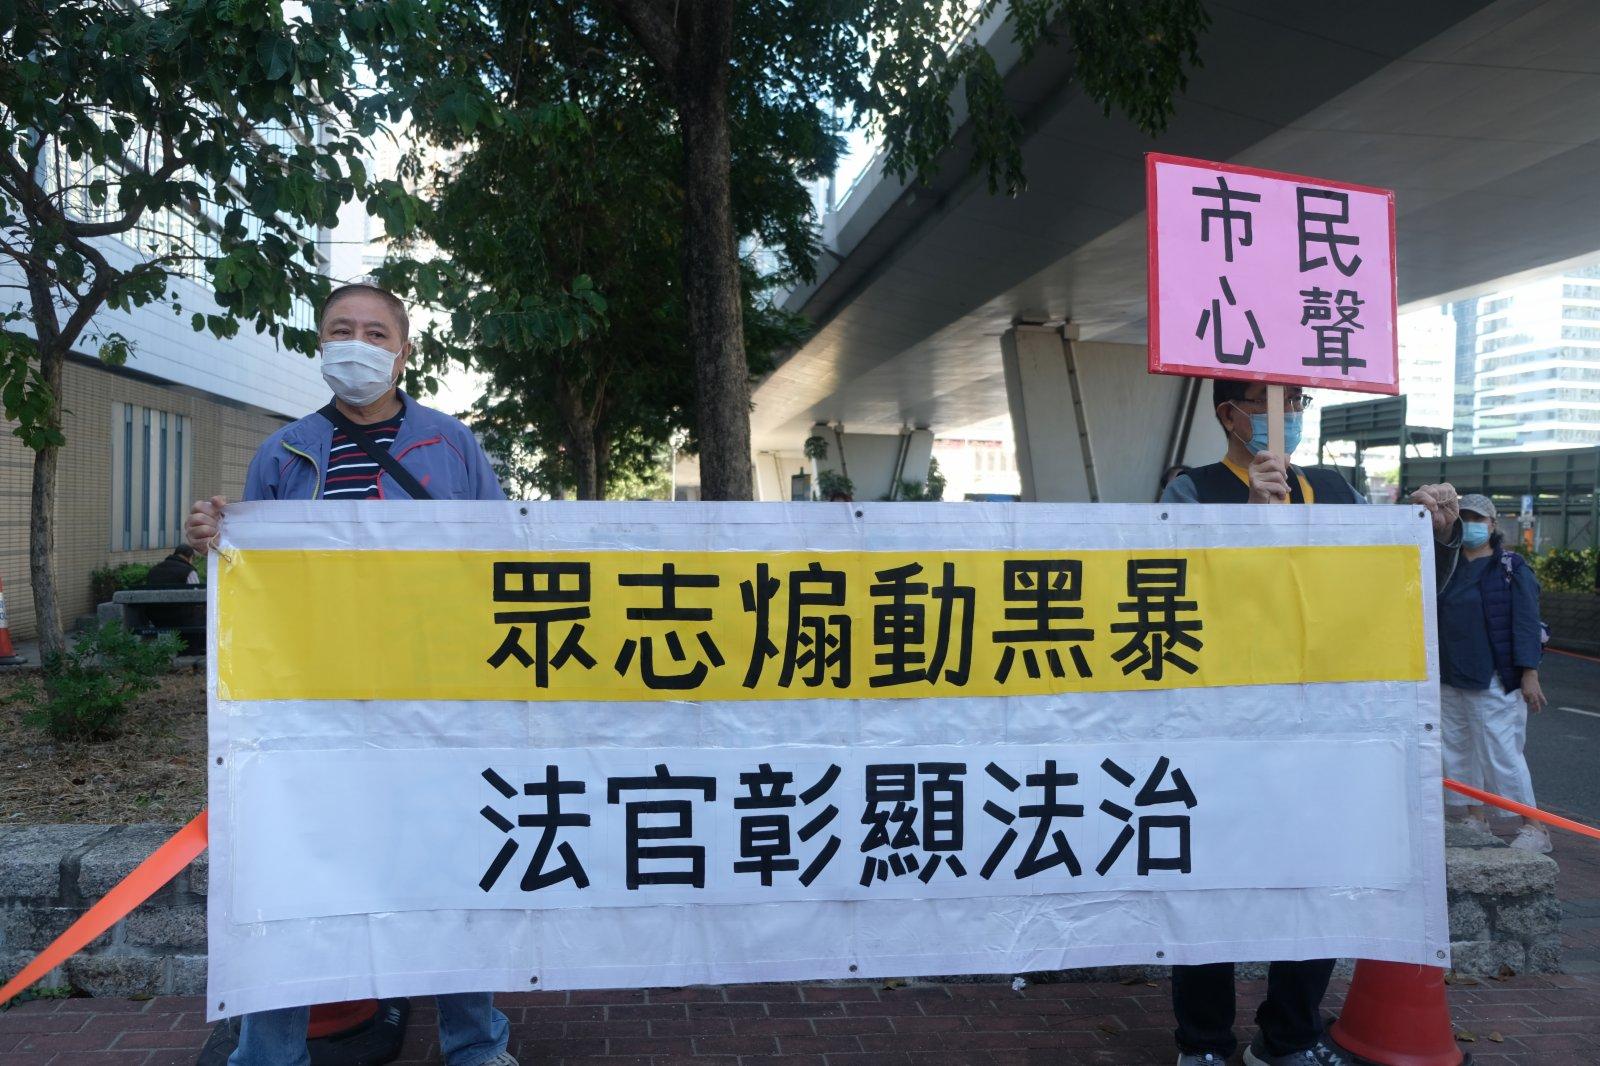 有市民今日(2日)上街聲討黃之鋒、林朗彥和周庭3人禍港漢奸、罪大惡極,促律政司嚴格把關、重判入獄。(大公文匯全媒體記者攝)